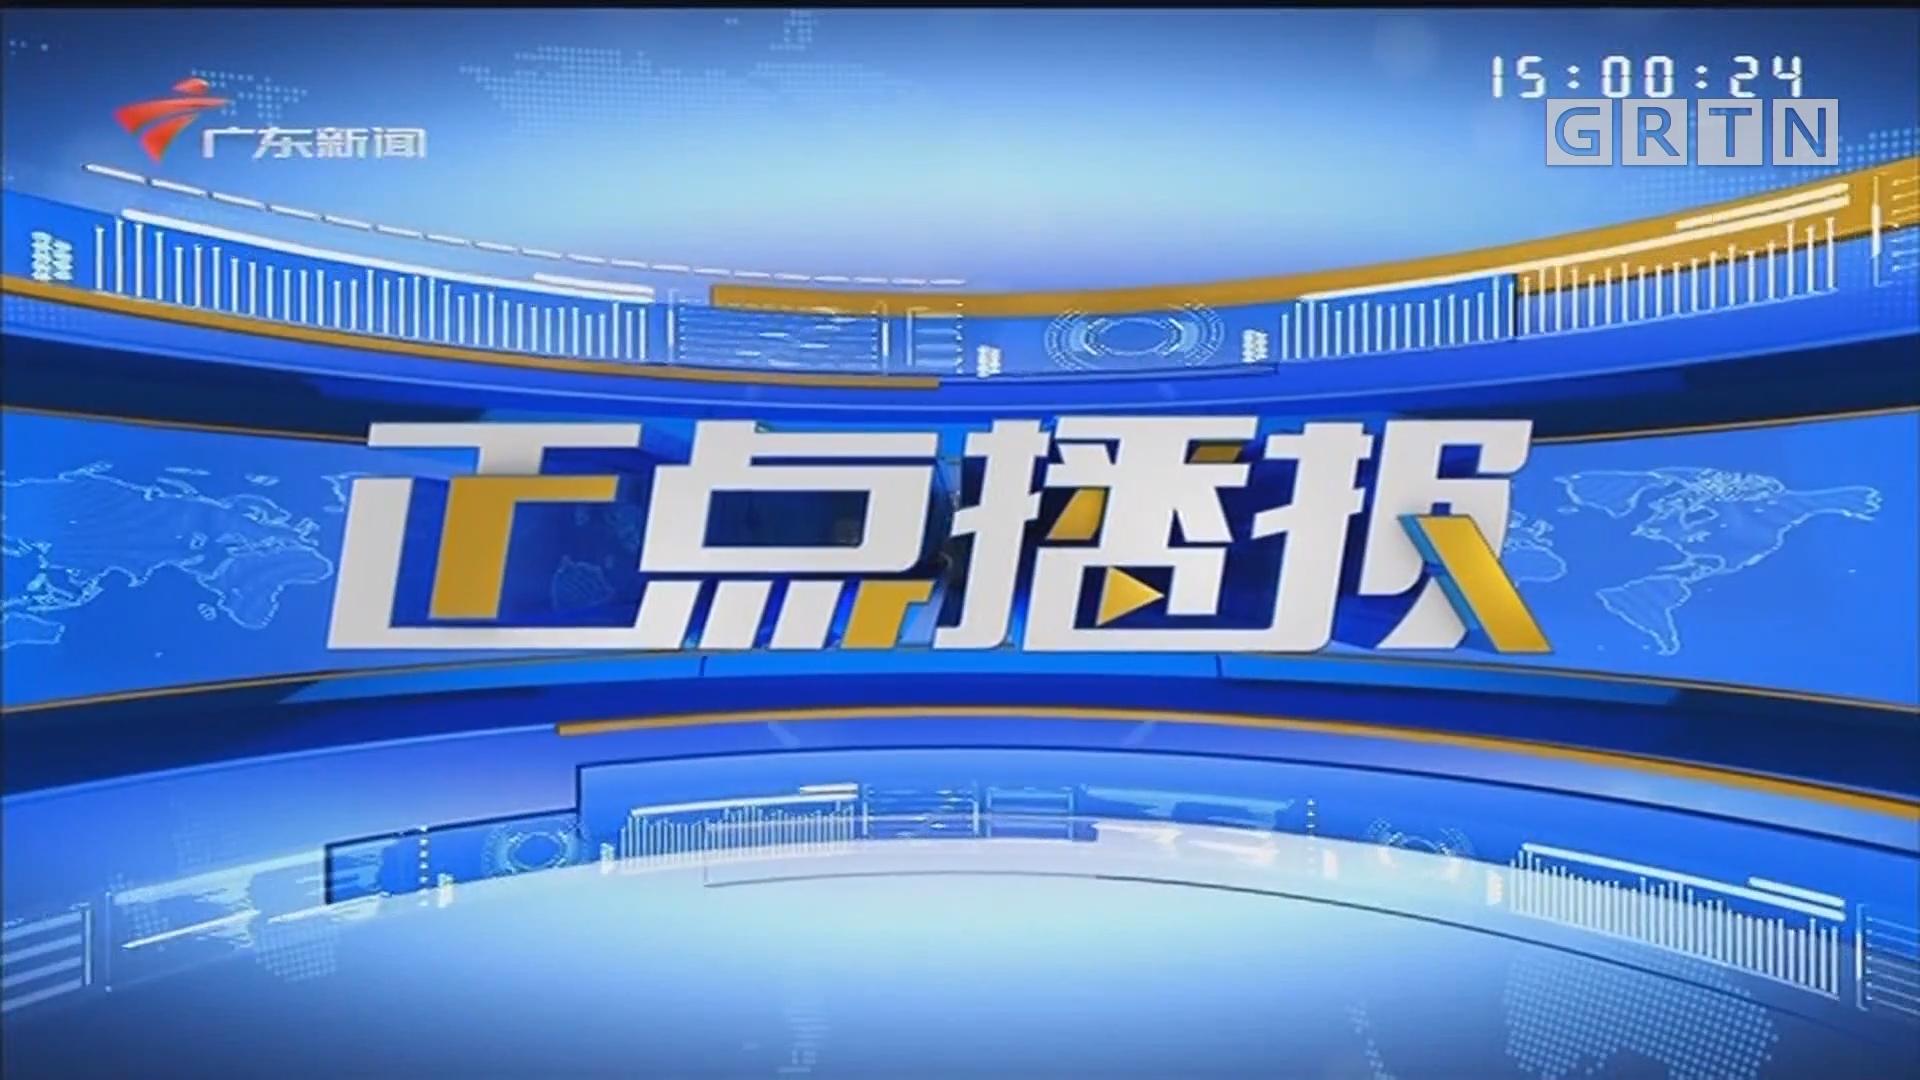 """[HD][2020-01-11-15:00]正点播报:乌克兰一客机在伊朗坠毁 无人生还:伊朗称乌克兰失事客机被""""非故意""""击落"""